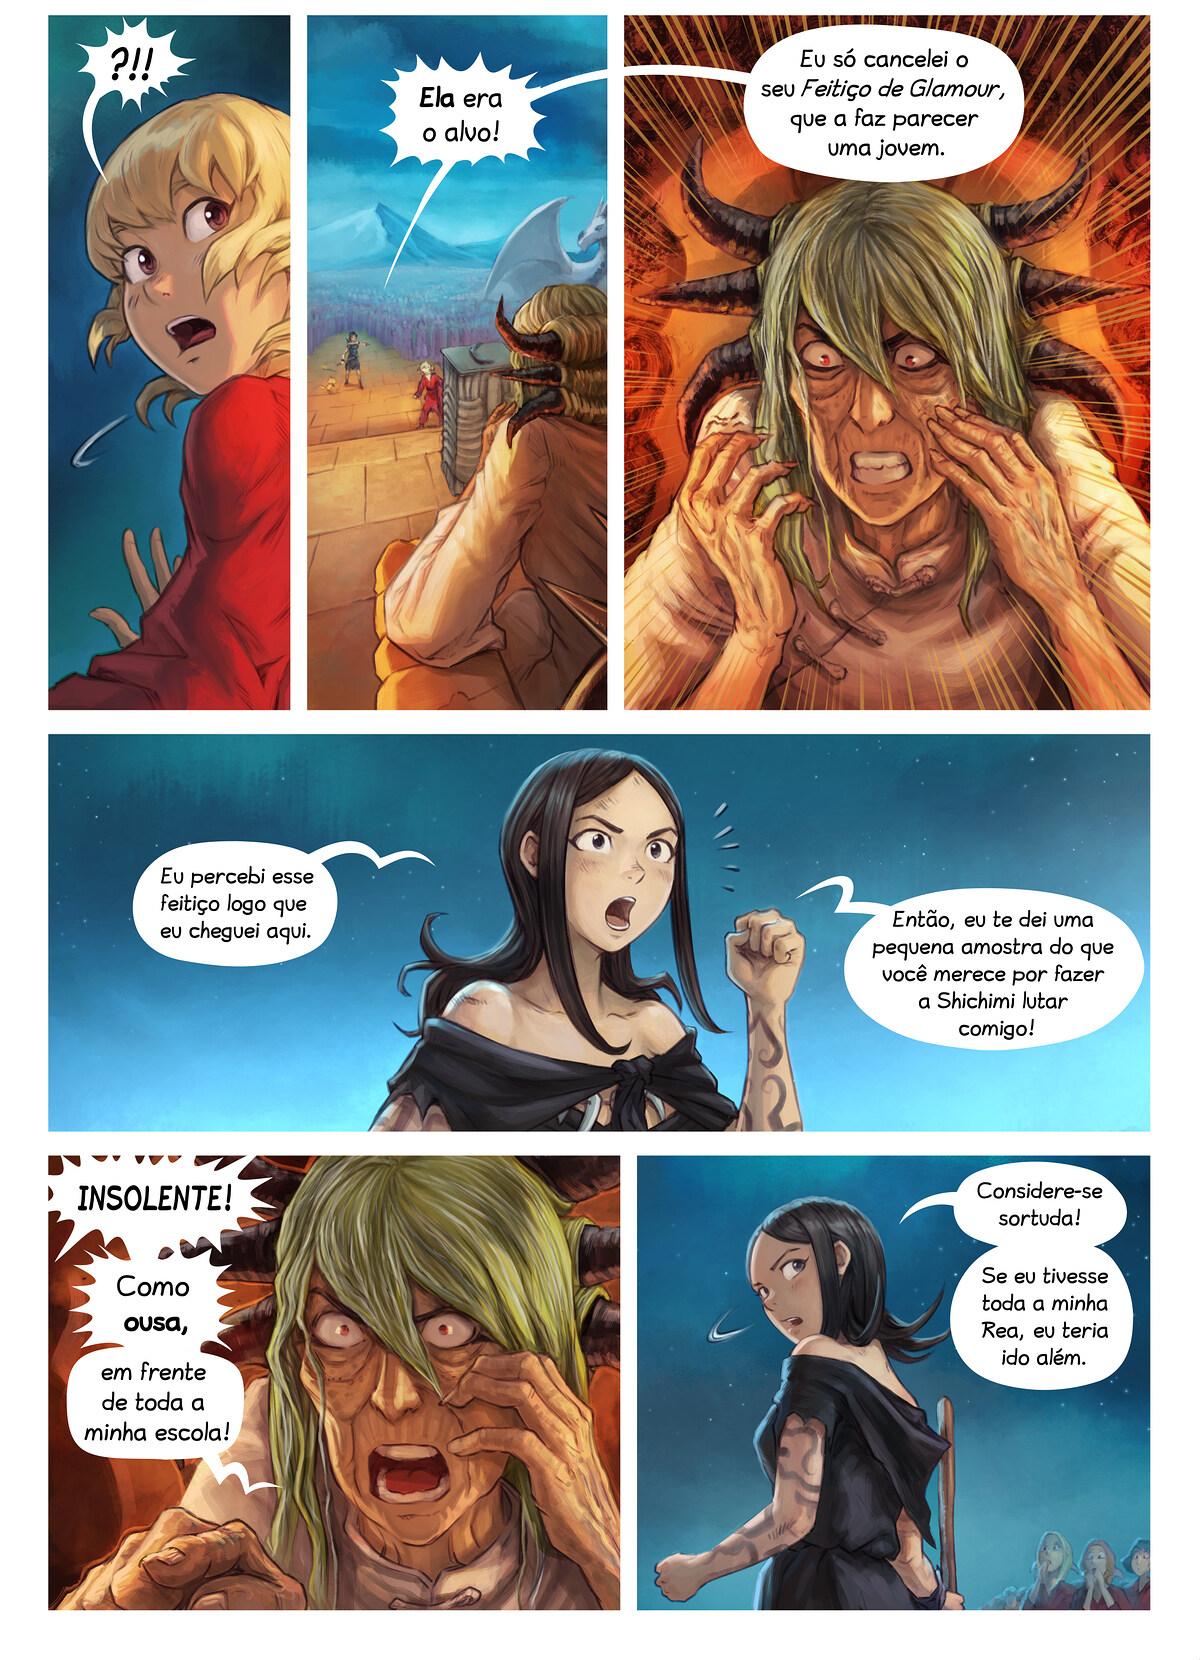 Episódio 34: A Condecoração da Cavaleira Shichimi, Page 8